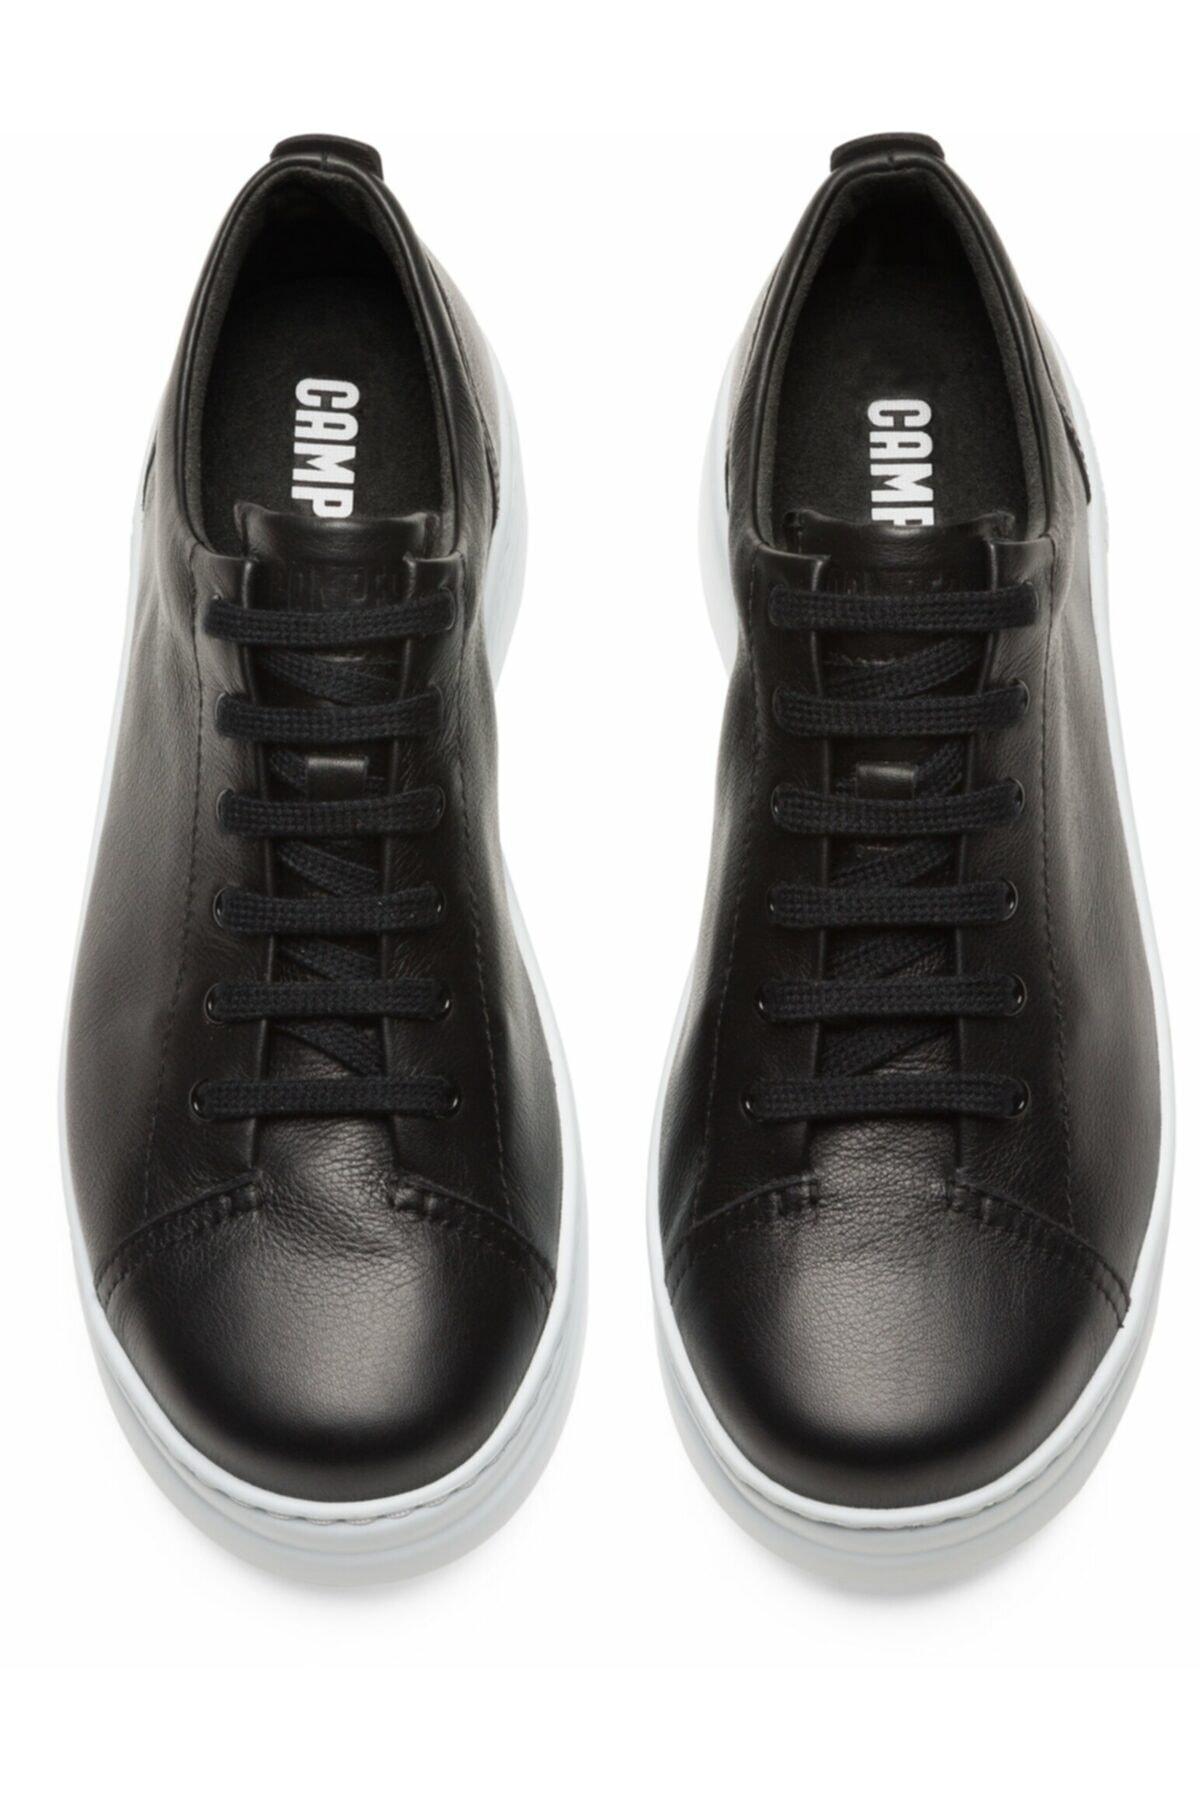 CAMPER Kadın Siyah Günlük Ayakkabı K200508-047 Camper Runner Up 1